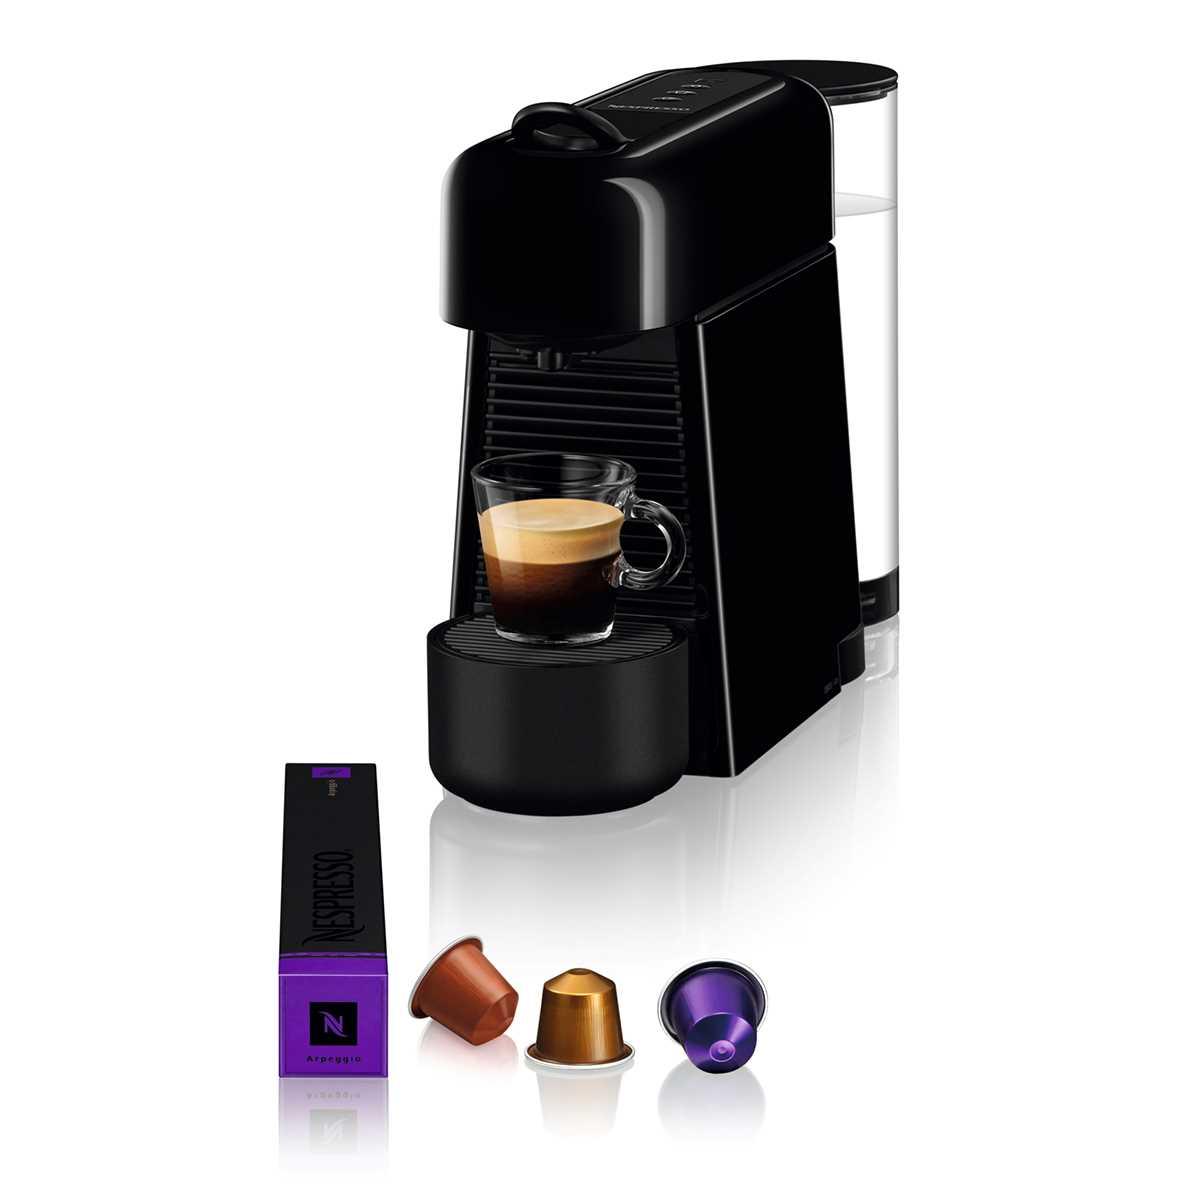 מכונת אספרסו Nespresso Essenza D45 Plus נספרסו - תמונה 1